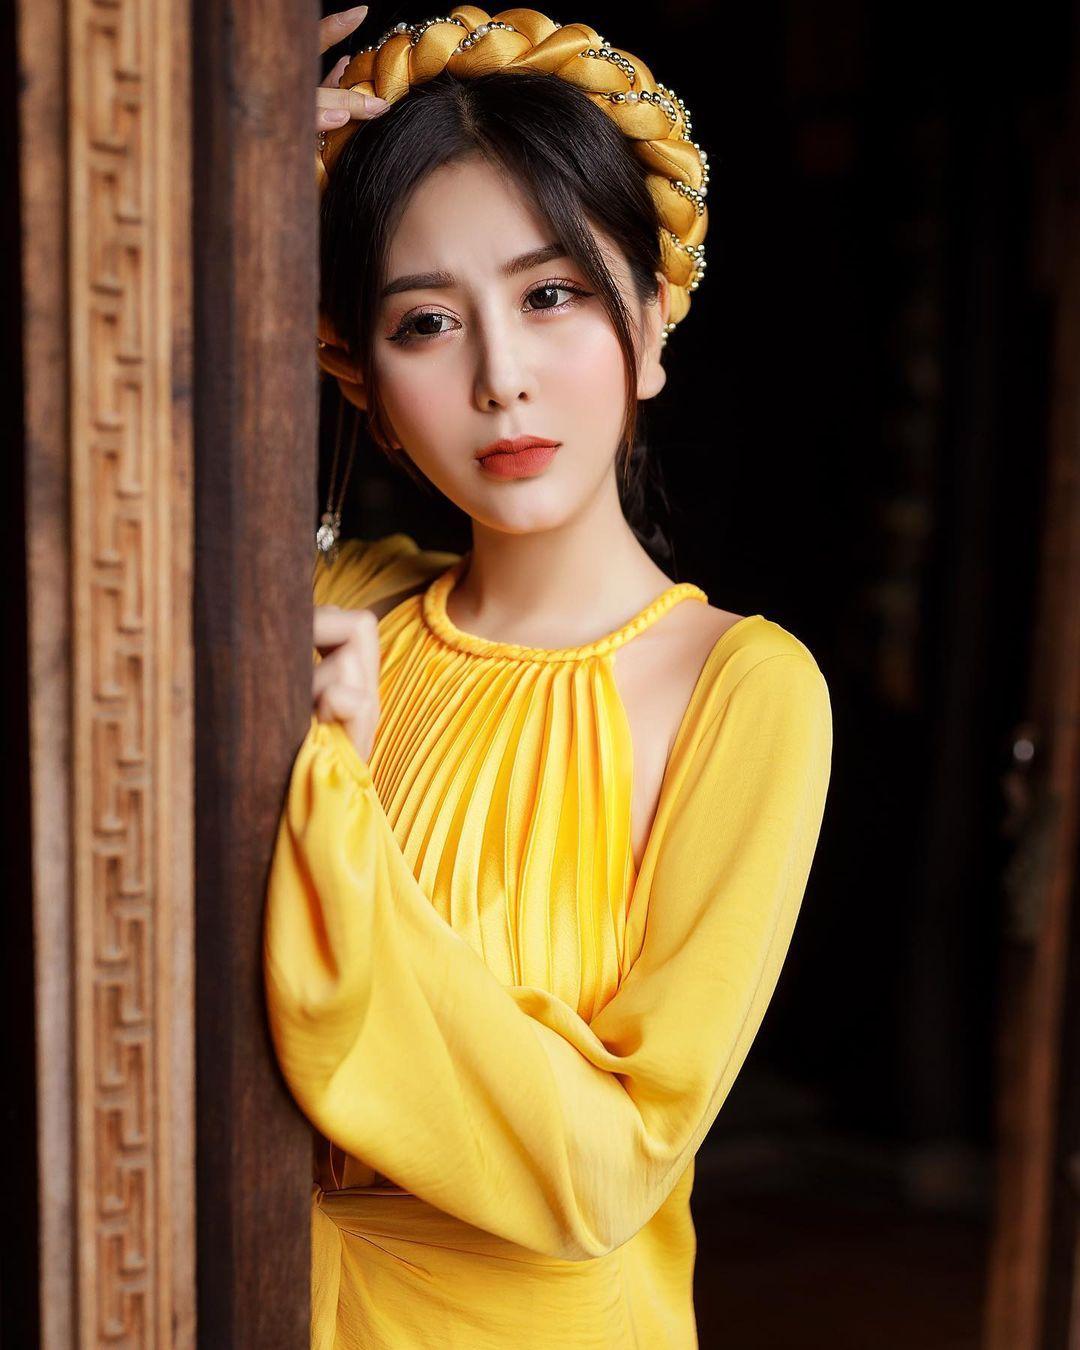 越南仙女系正妹「Chin」零死角美貌超逆天视角-新图包